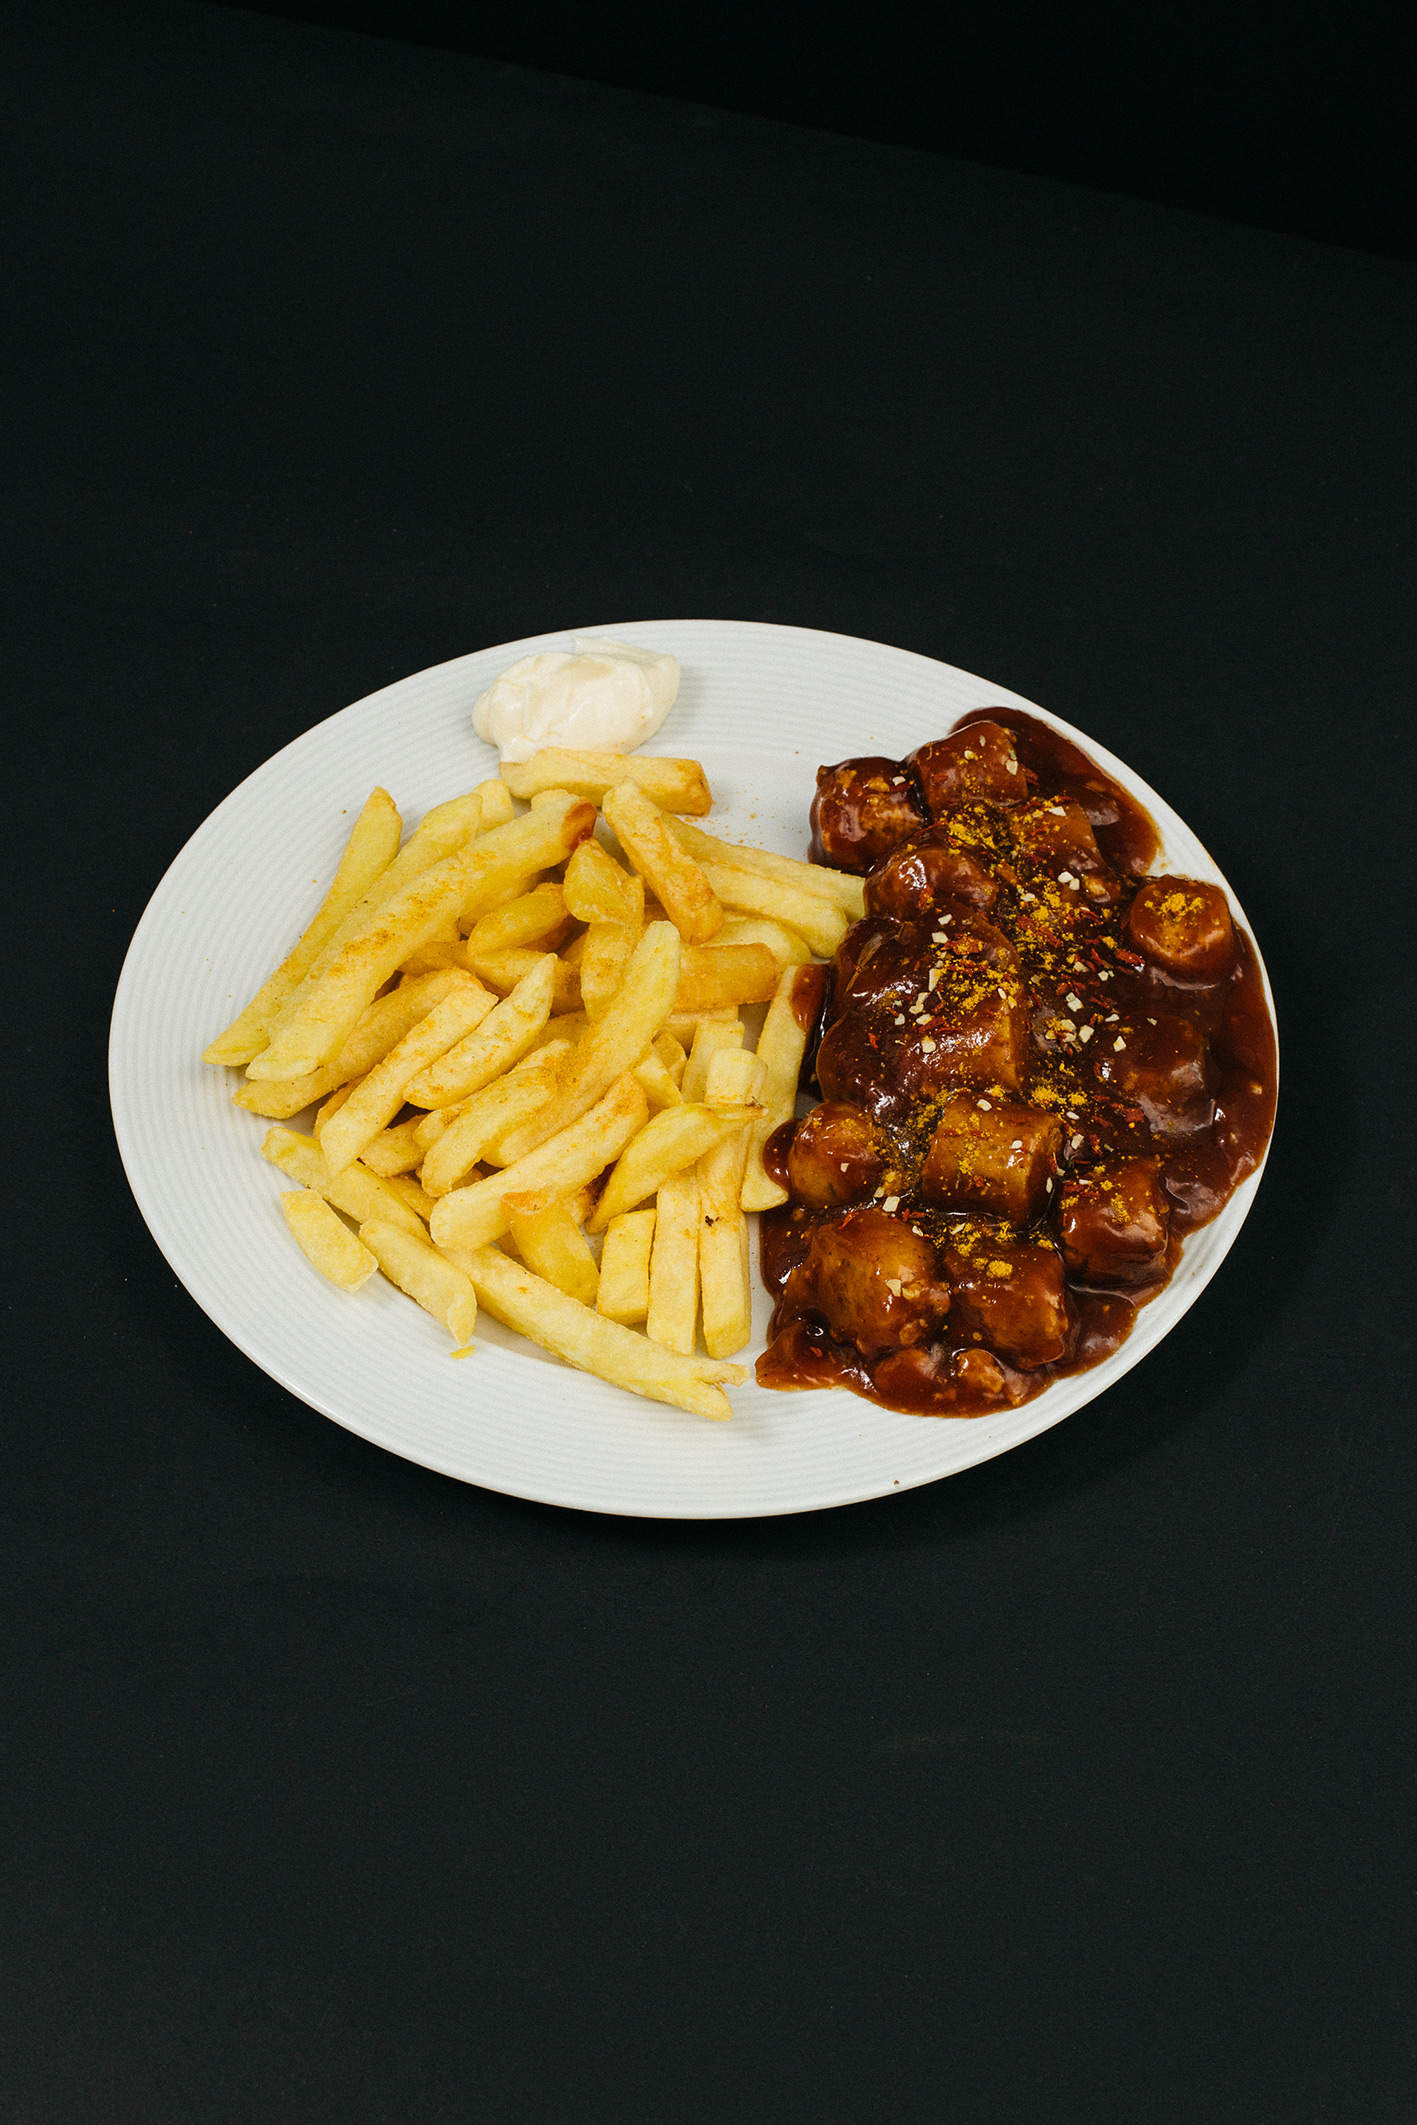 Geflügelcurrywurst mit Pommes. Die Alternative ohne Schweinefleisch.